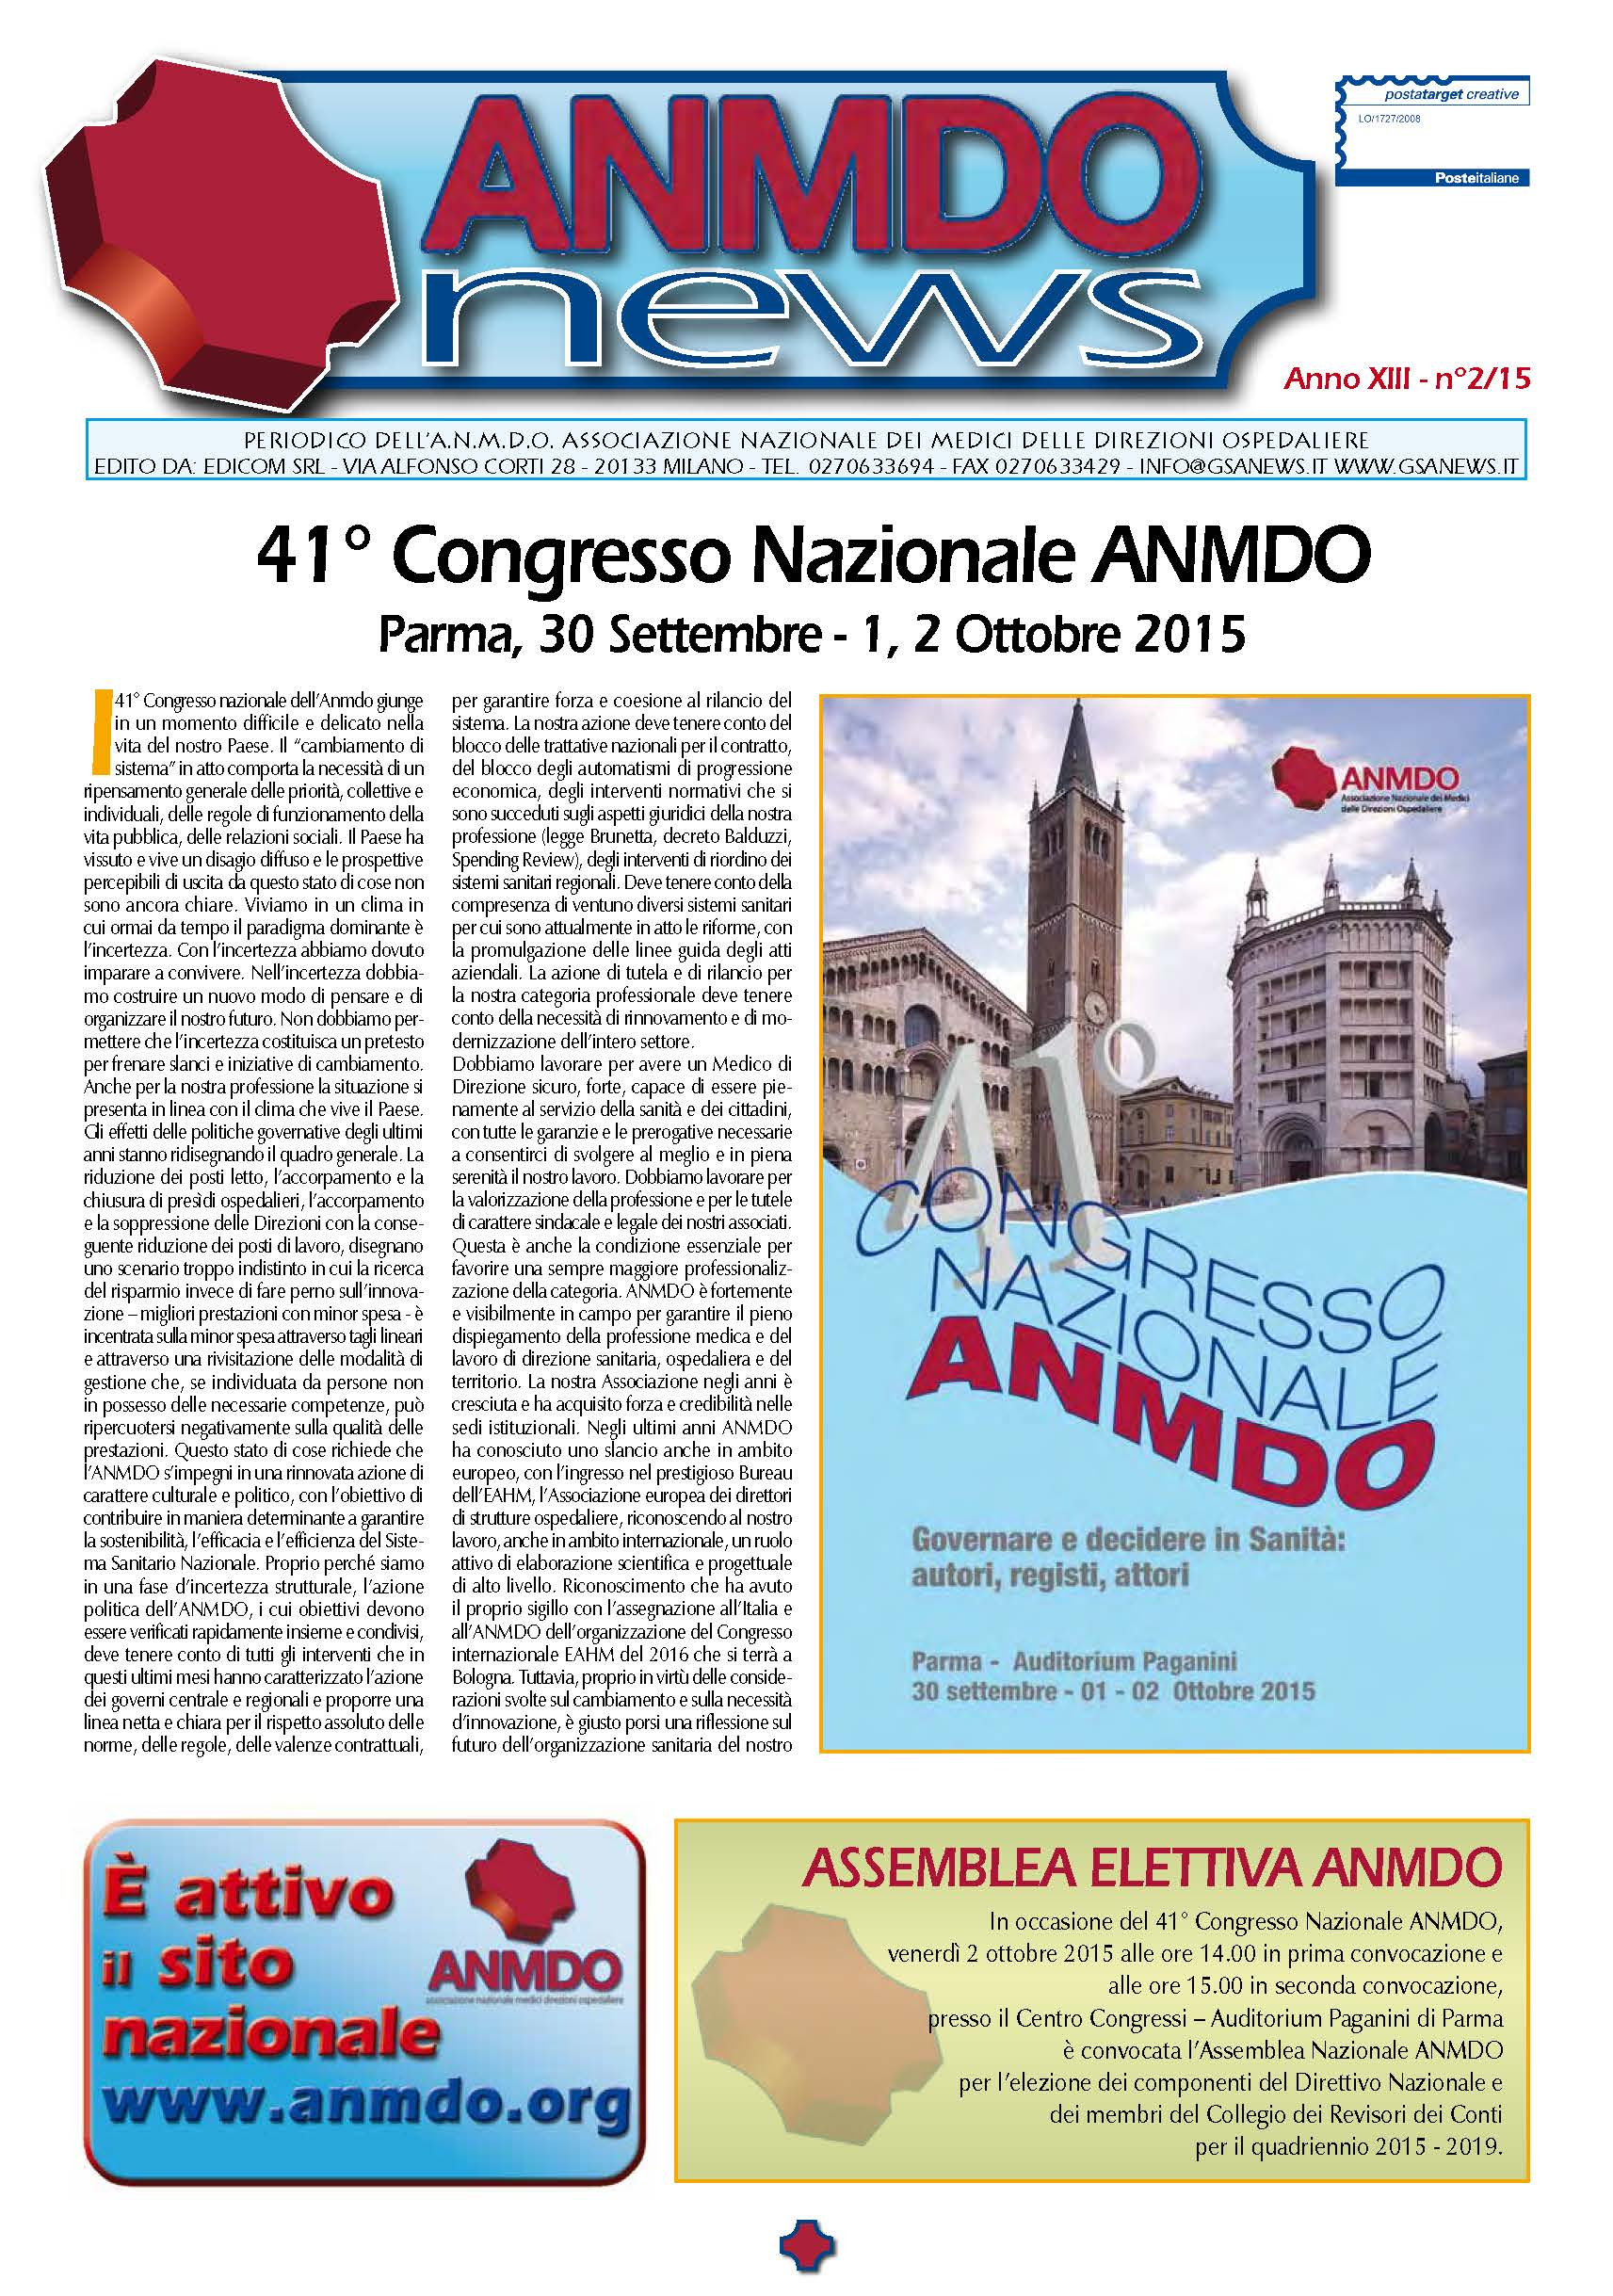 pagine-da-anmdonews_2_15